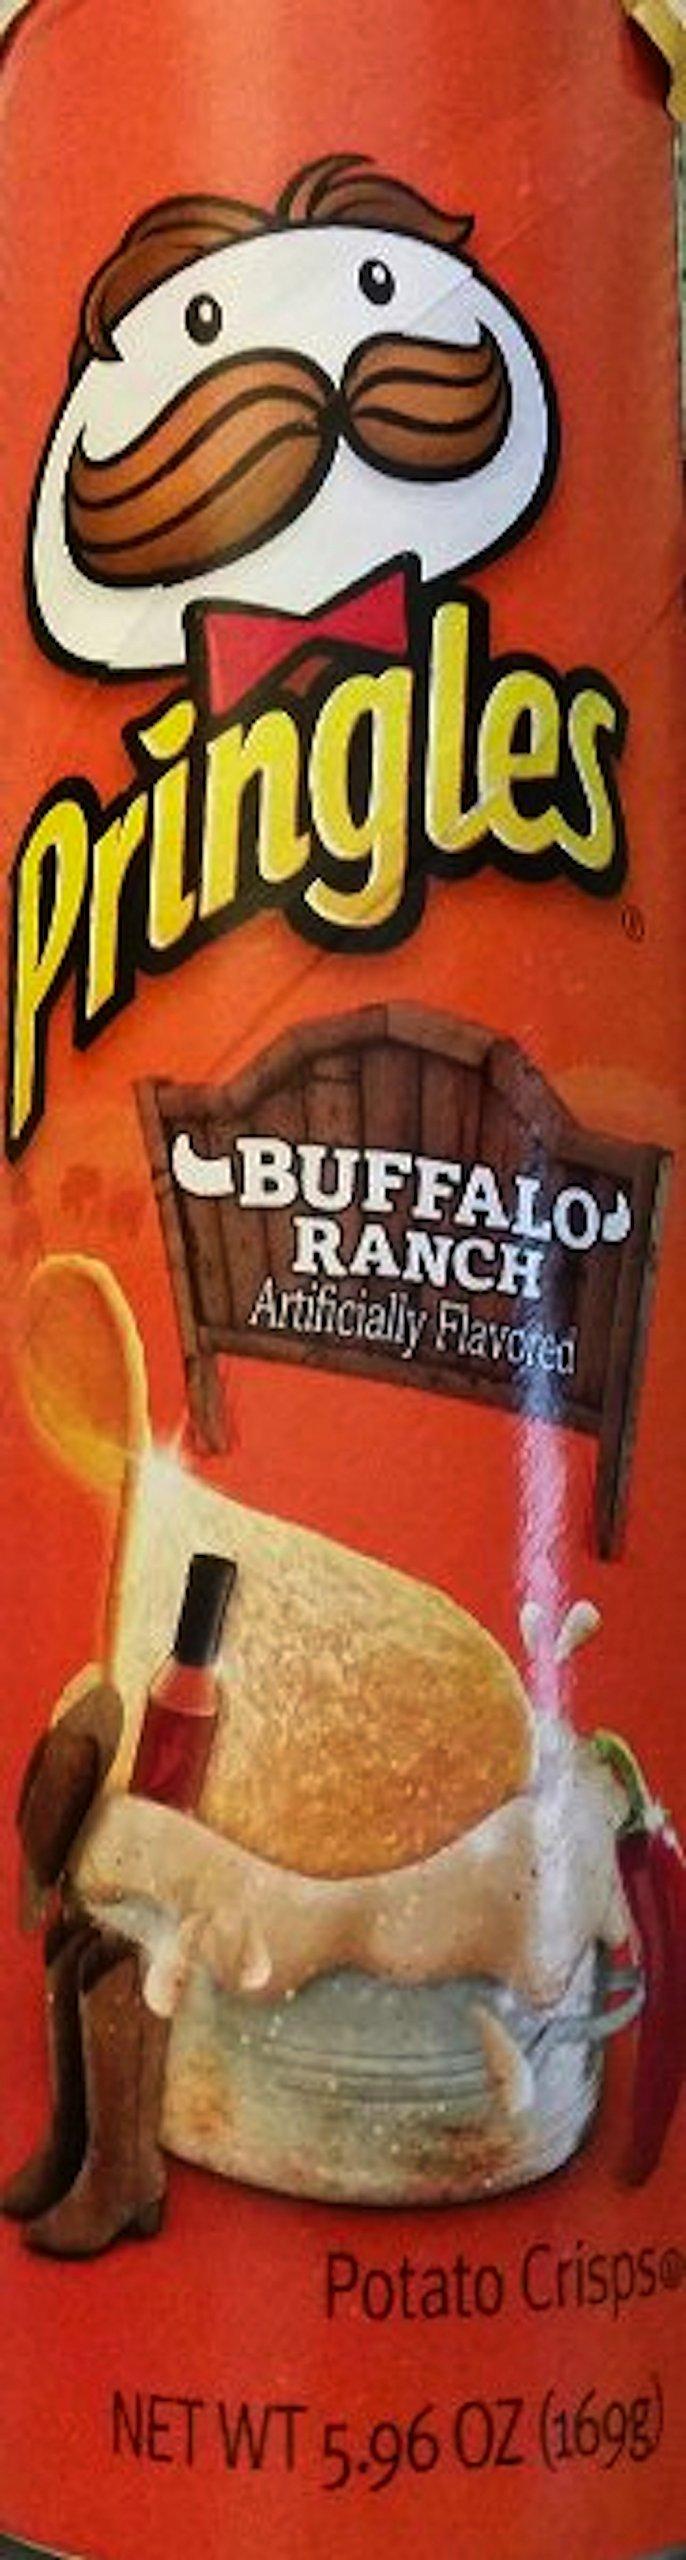 Pringles Buffalo Ranch Dip Potato Crisps, 5.96 oz